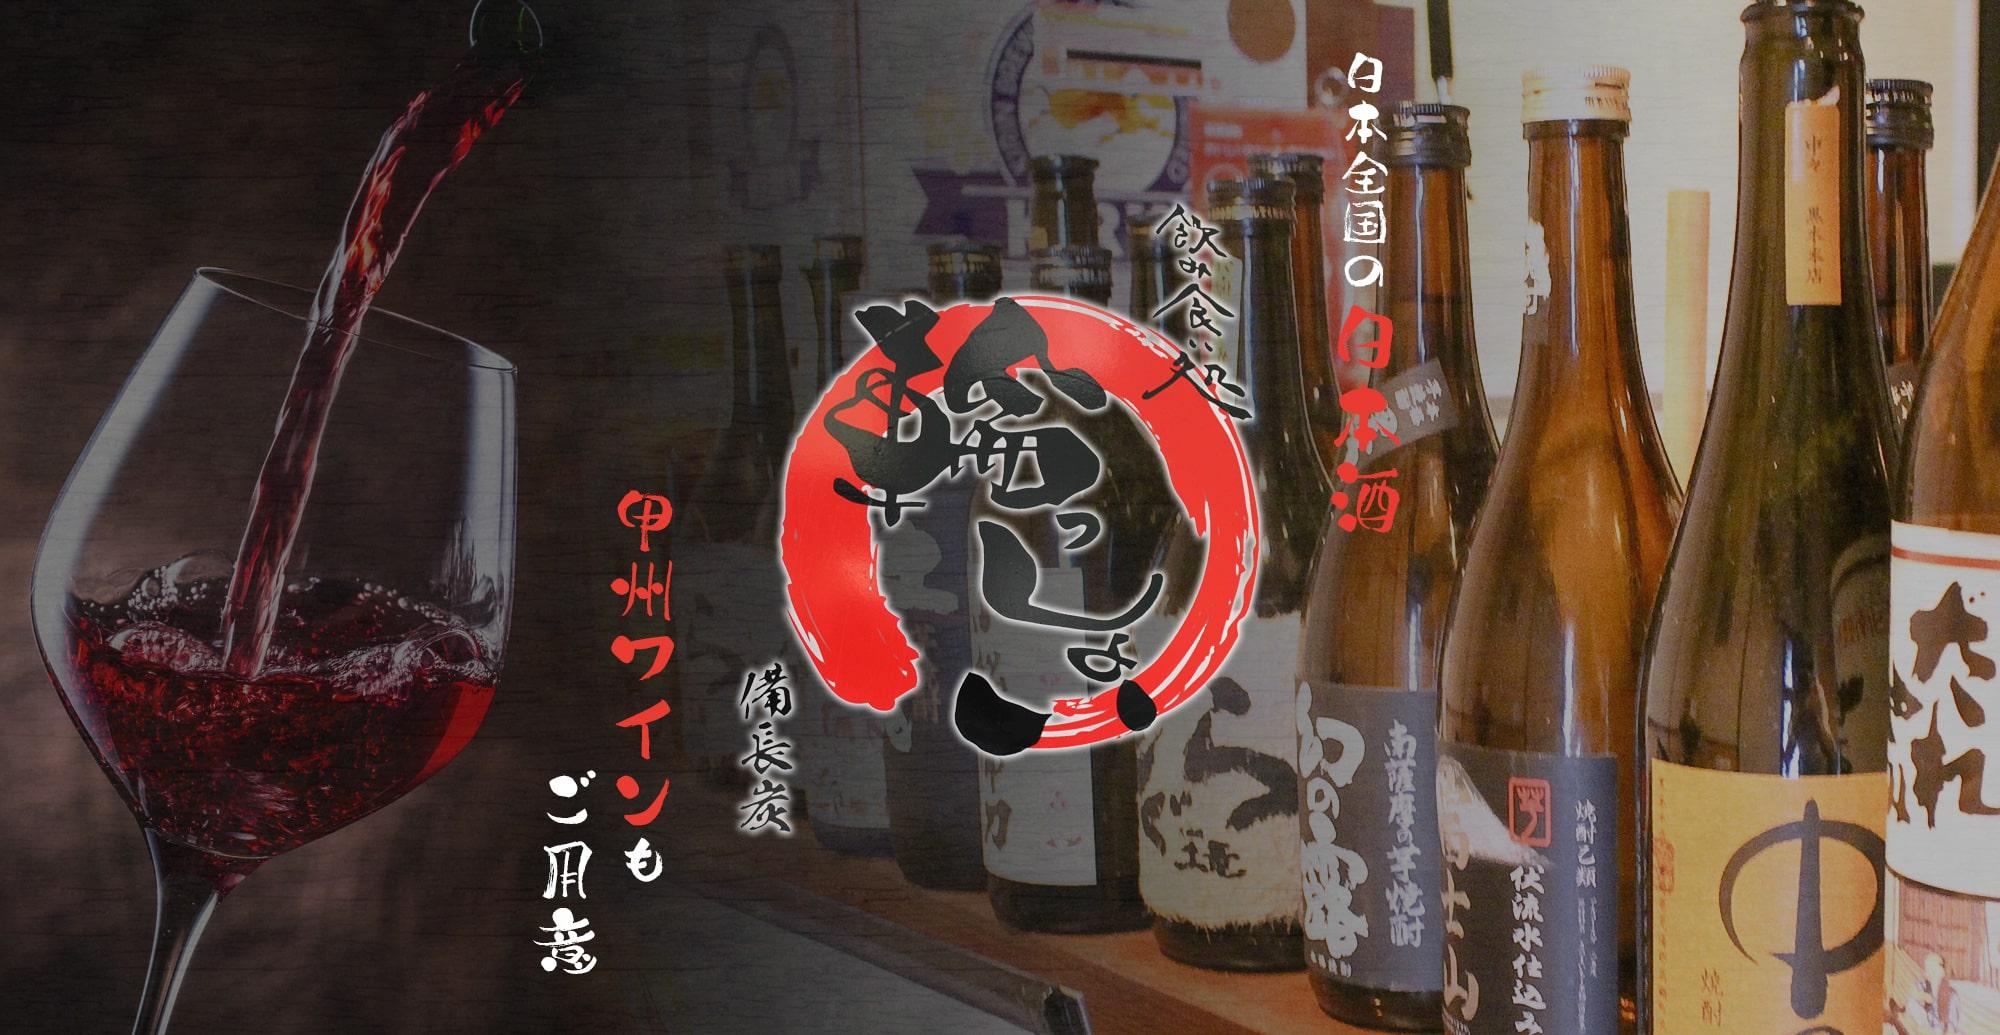 日本全国の日本酒や甲州ワインもご用意